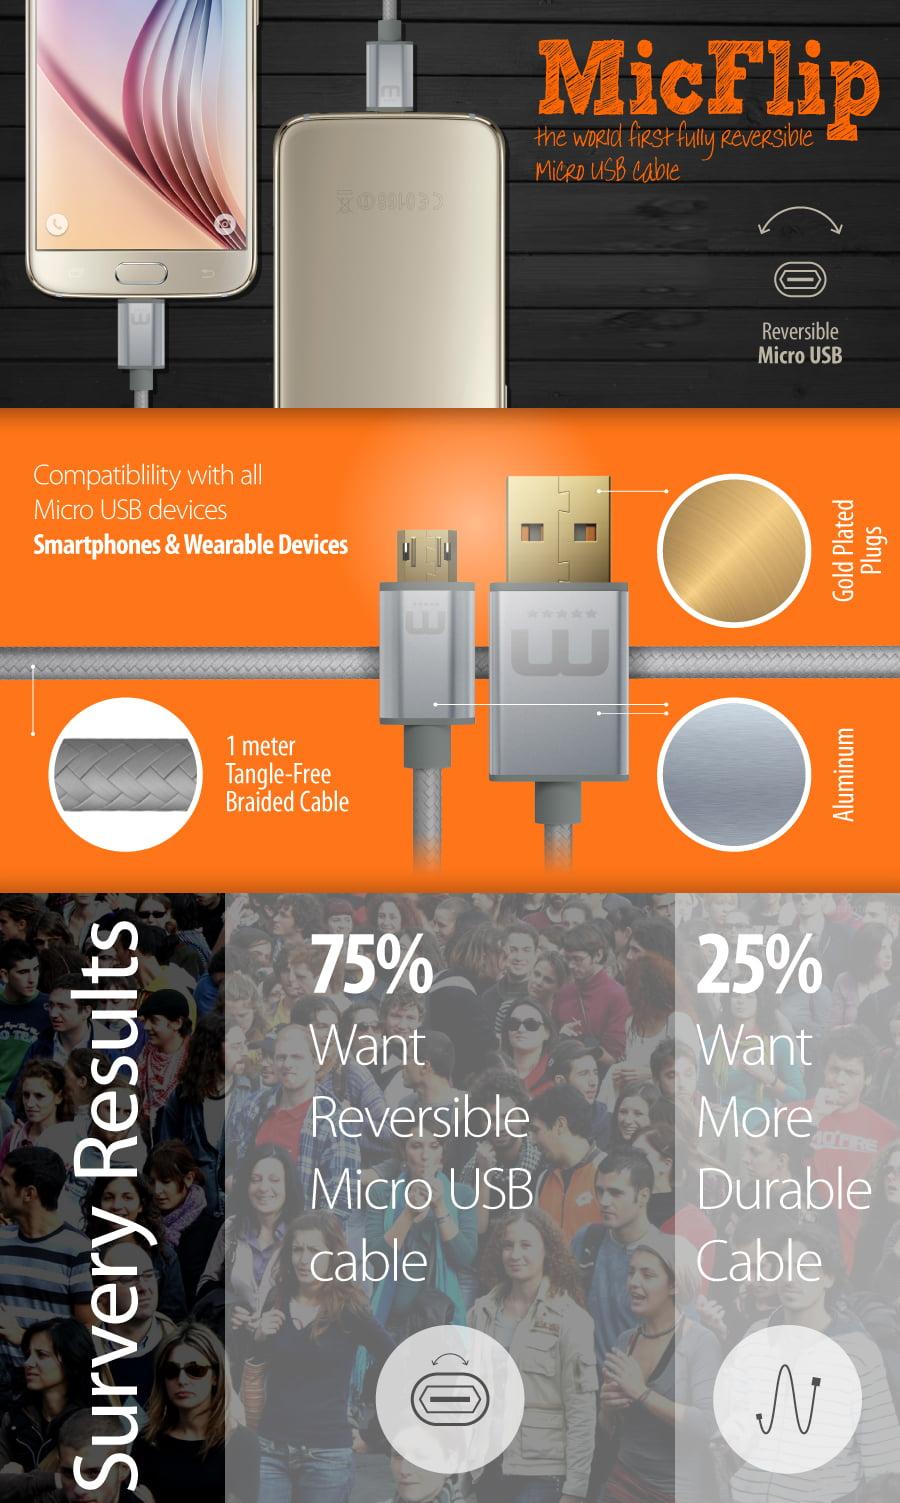 infographie-micflip